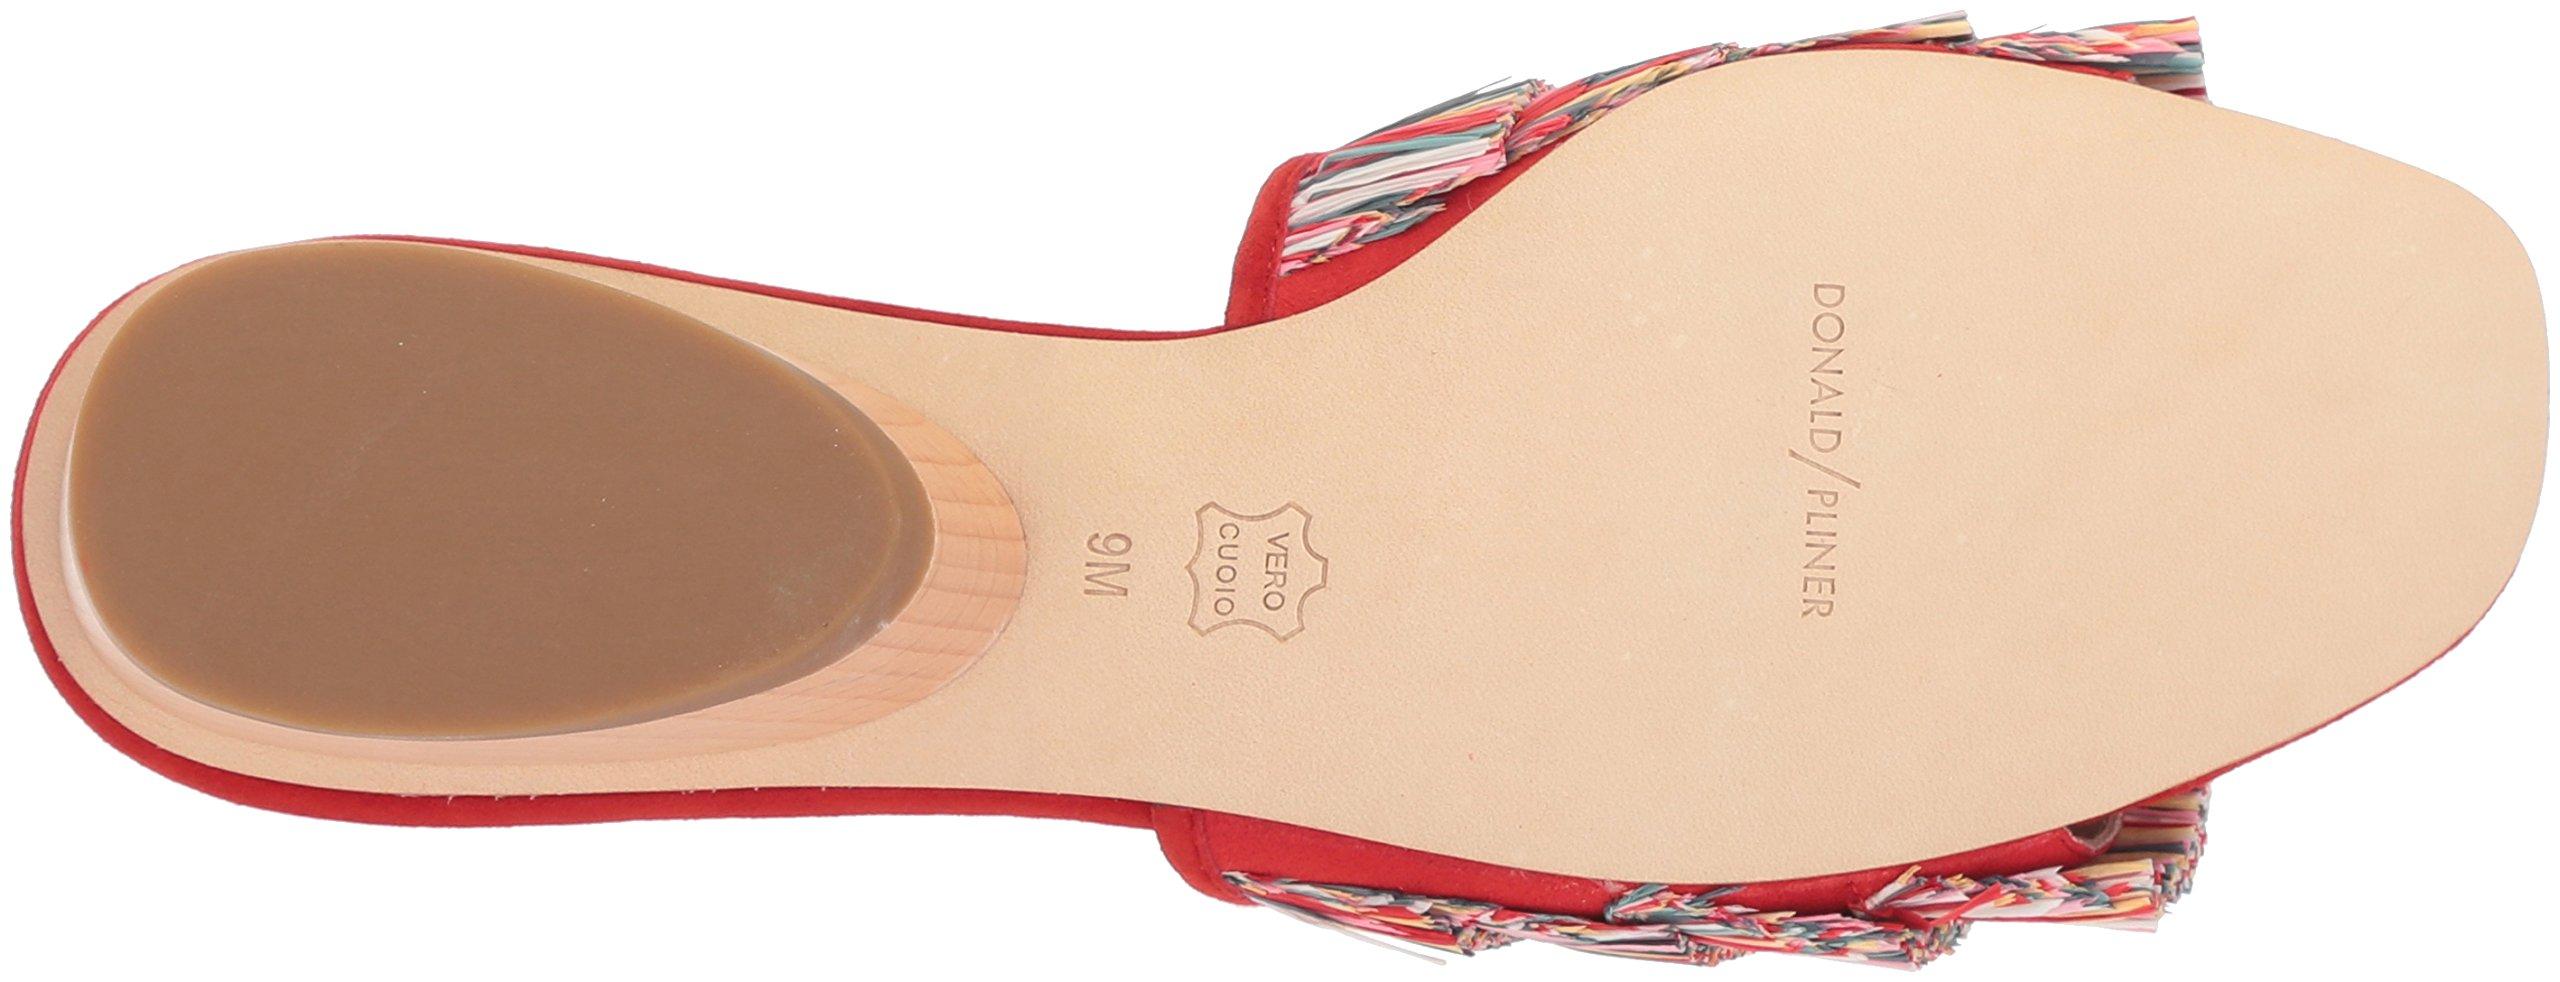 Donald J Pliner Women's Reise Slide Sandal, Red/Multi, 9 Medium US by Donald J Pliner (Image #3)